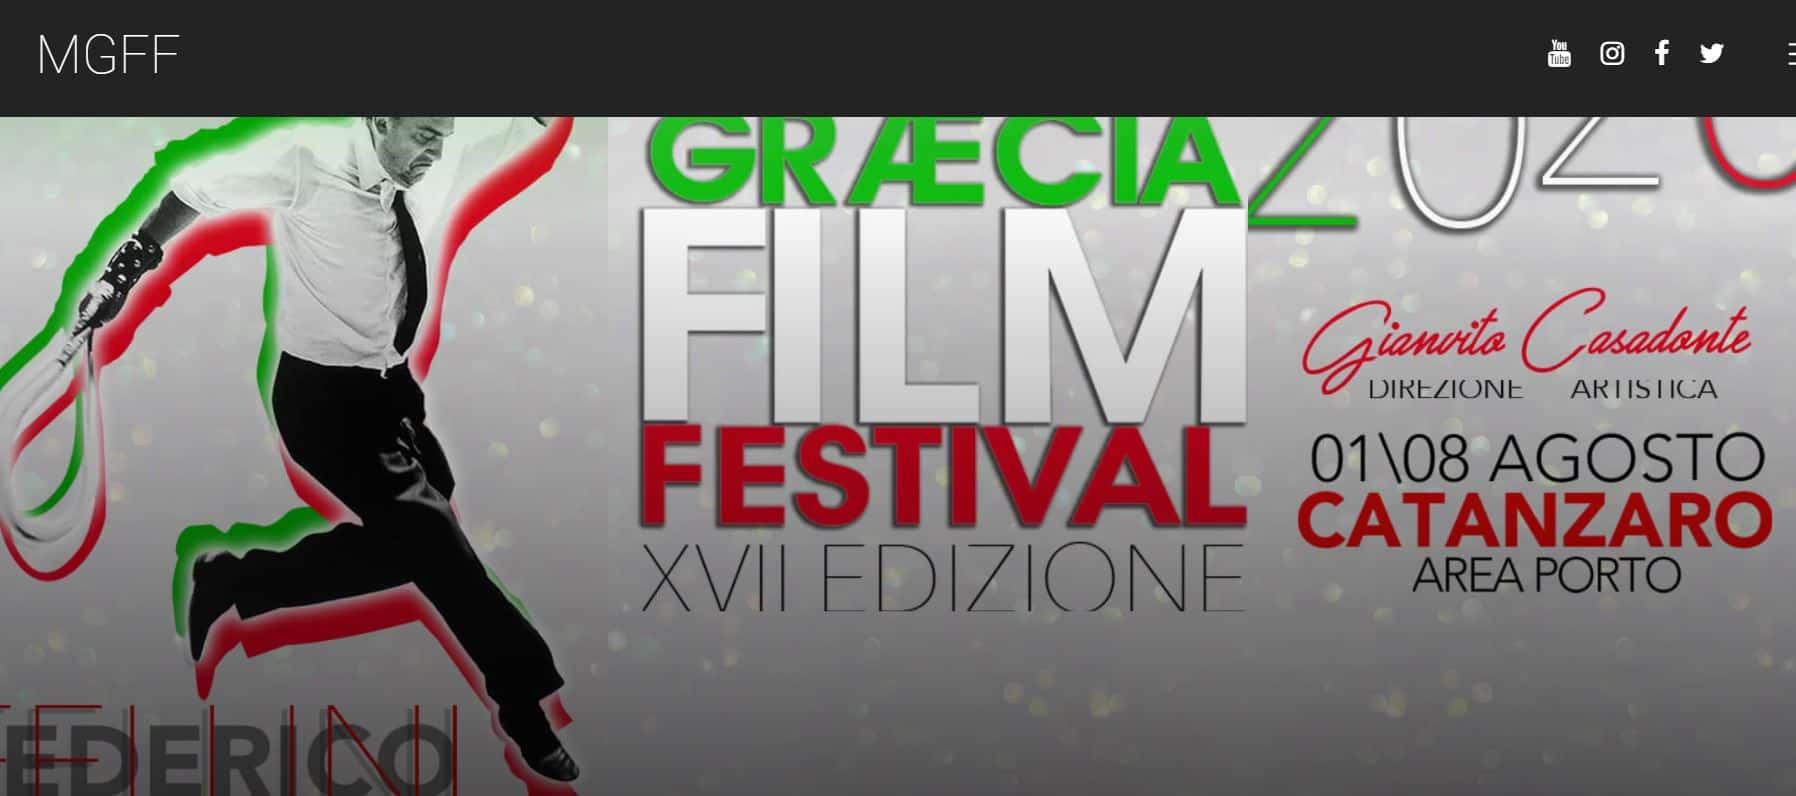 Anche Ronn Moss al Magna Grecia Film Festival 2020